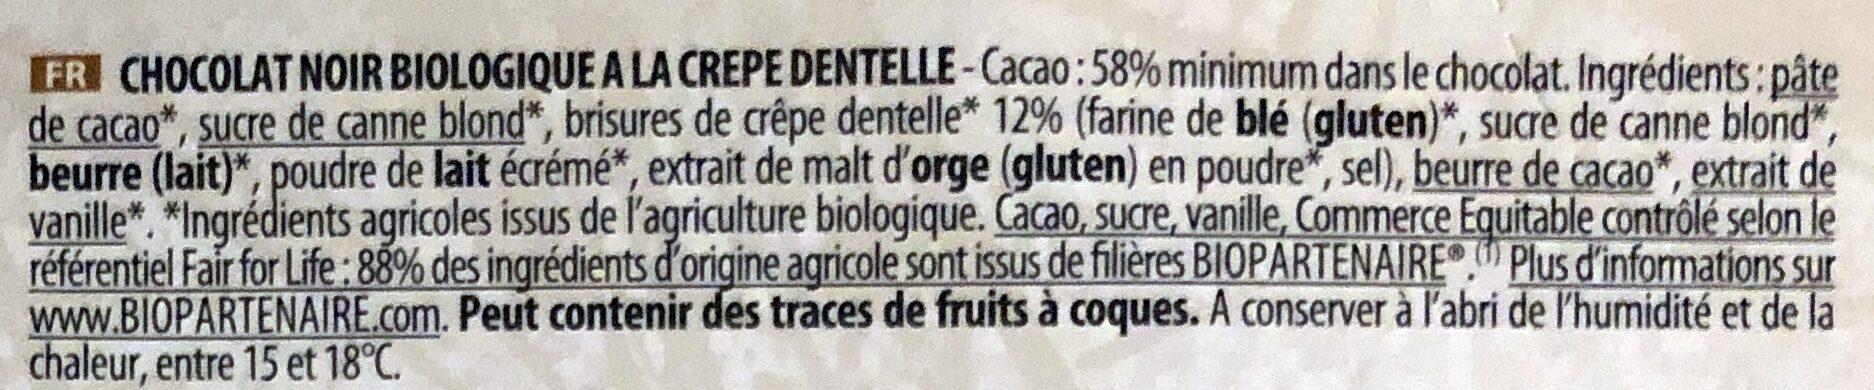 Chocolat Noir à la Crêpe Dentelle Bio - Ingredienti - fr